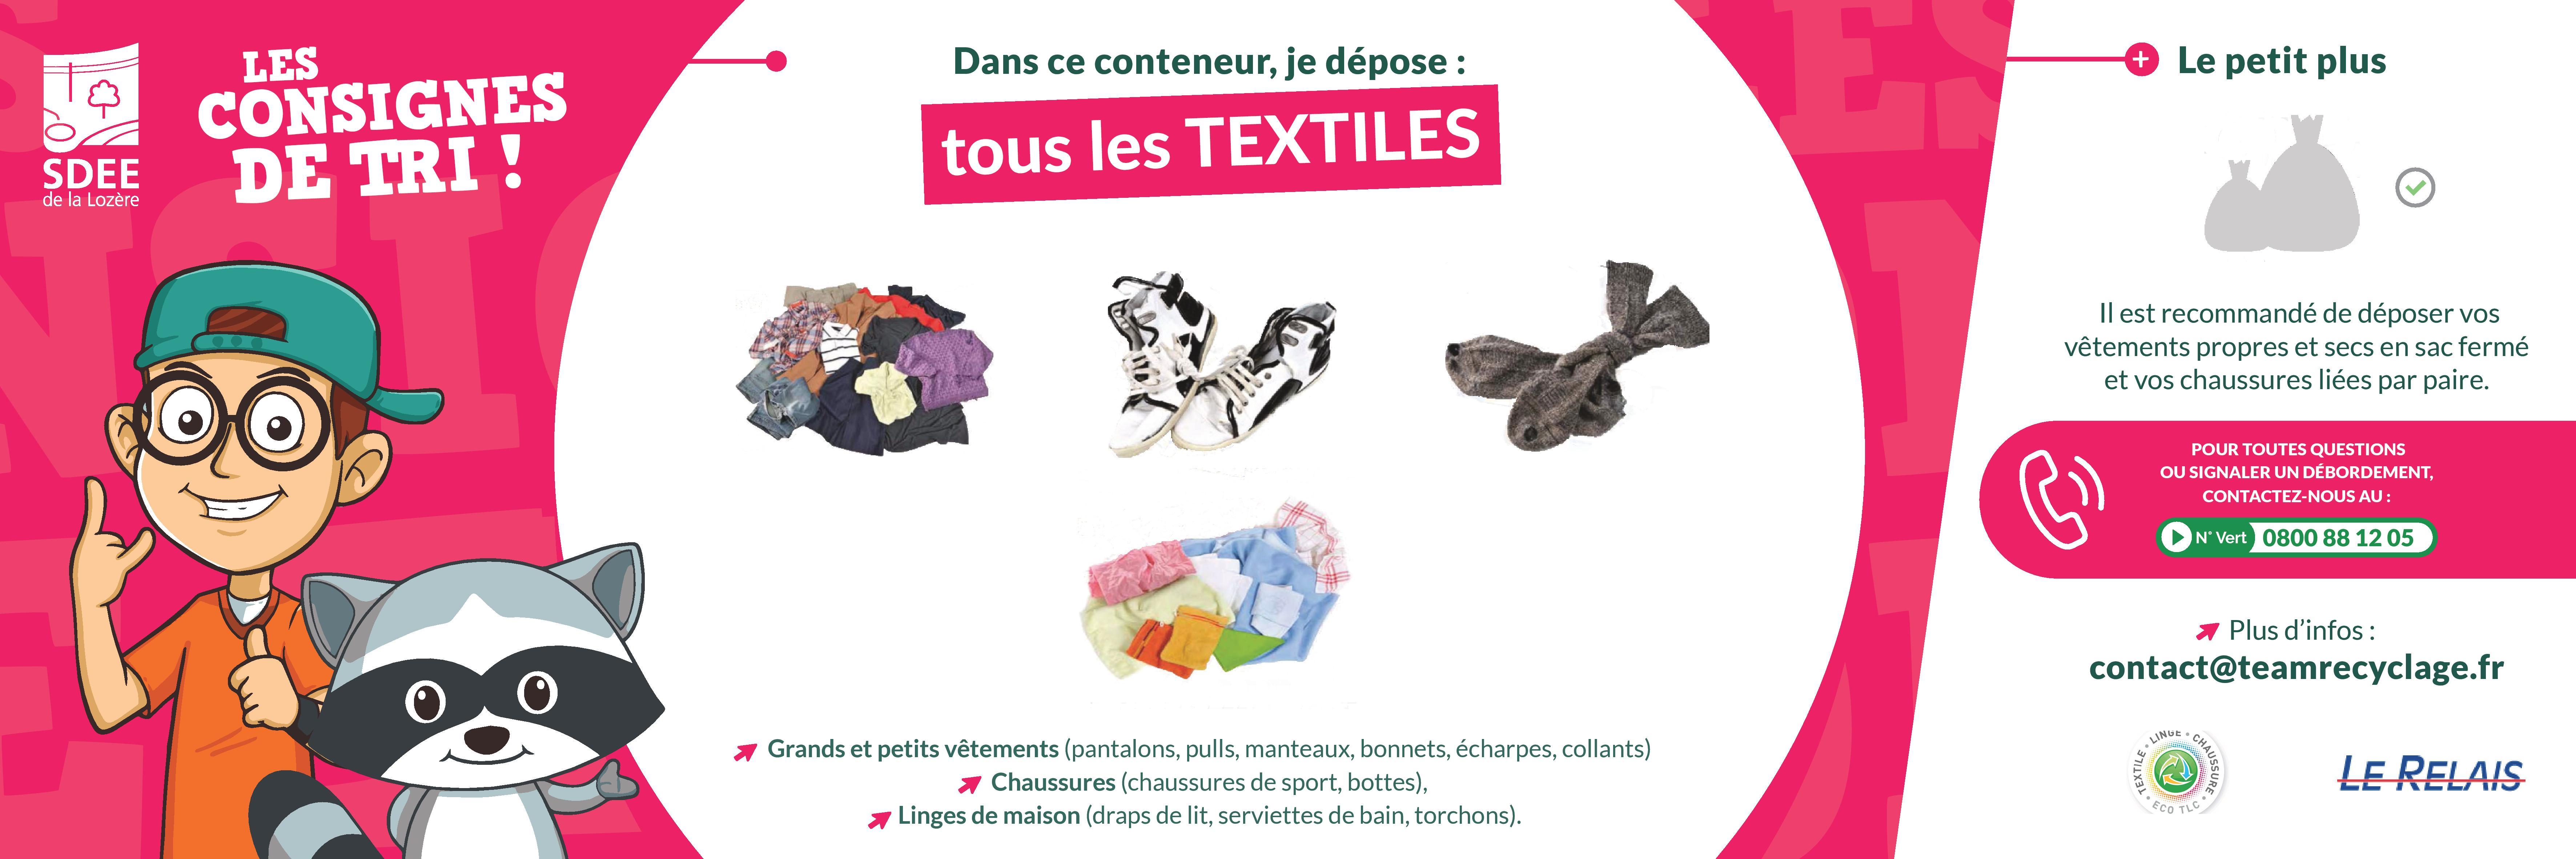 Les consignes de tri pour les textiles, linges, chaussures